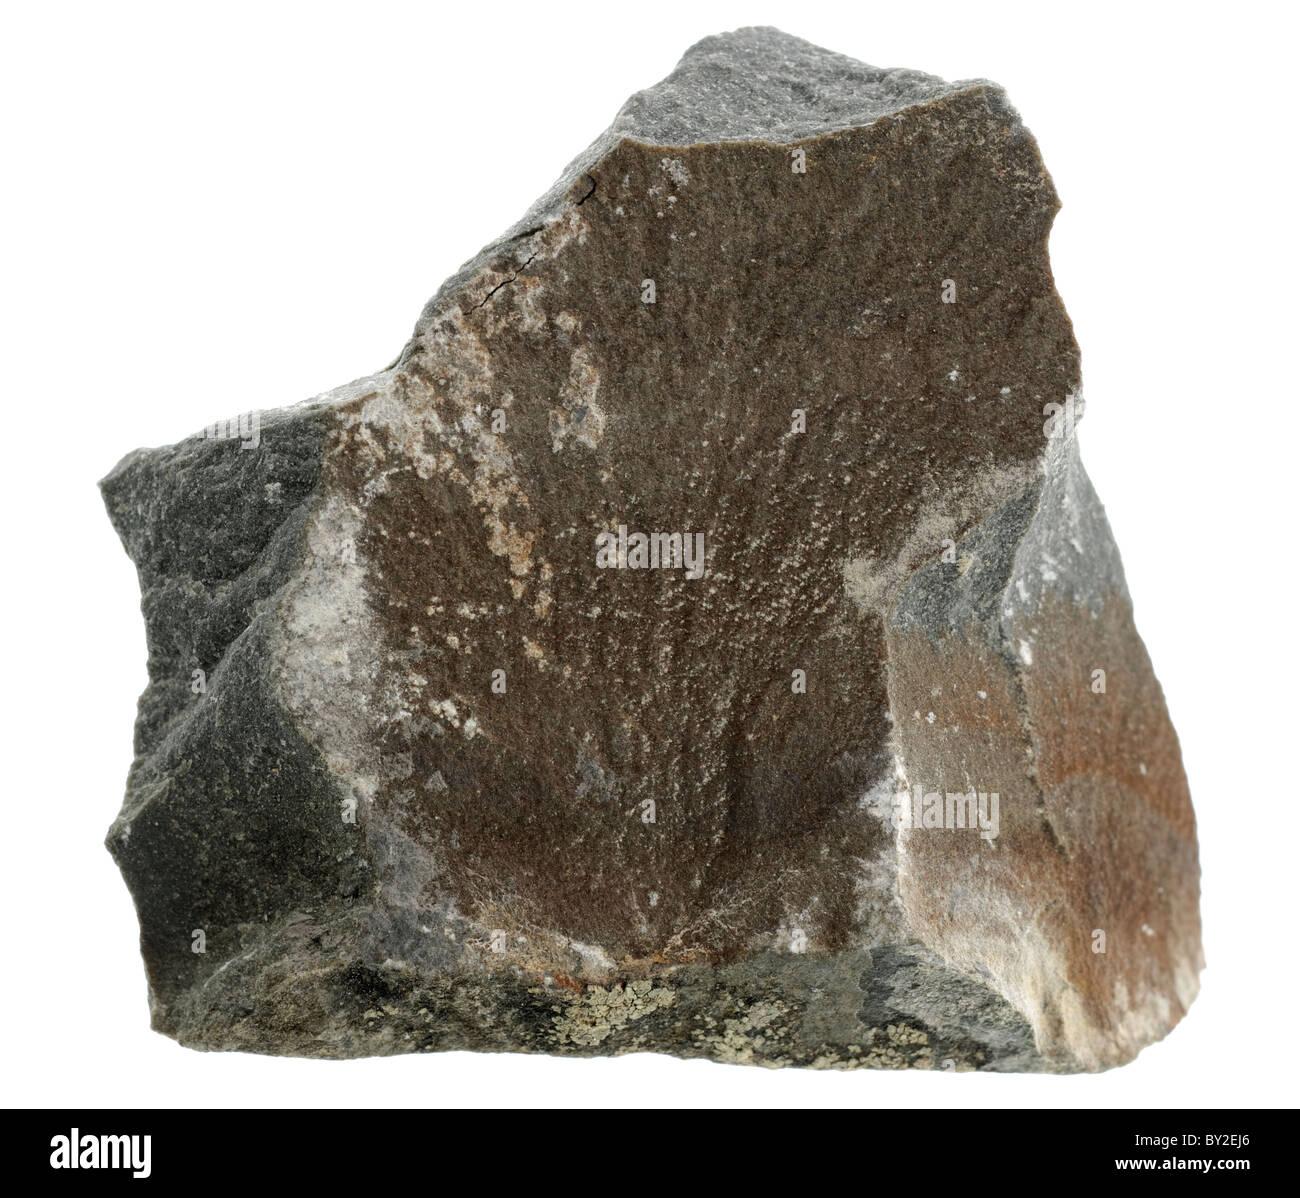 greywacke sandstone sedimentary rock sample stock photo